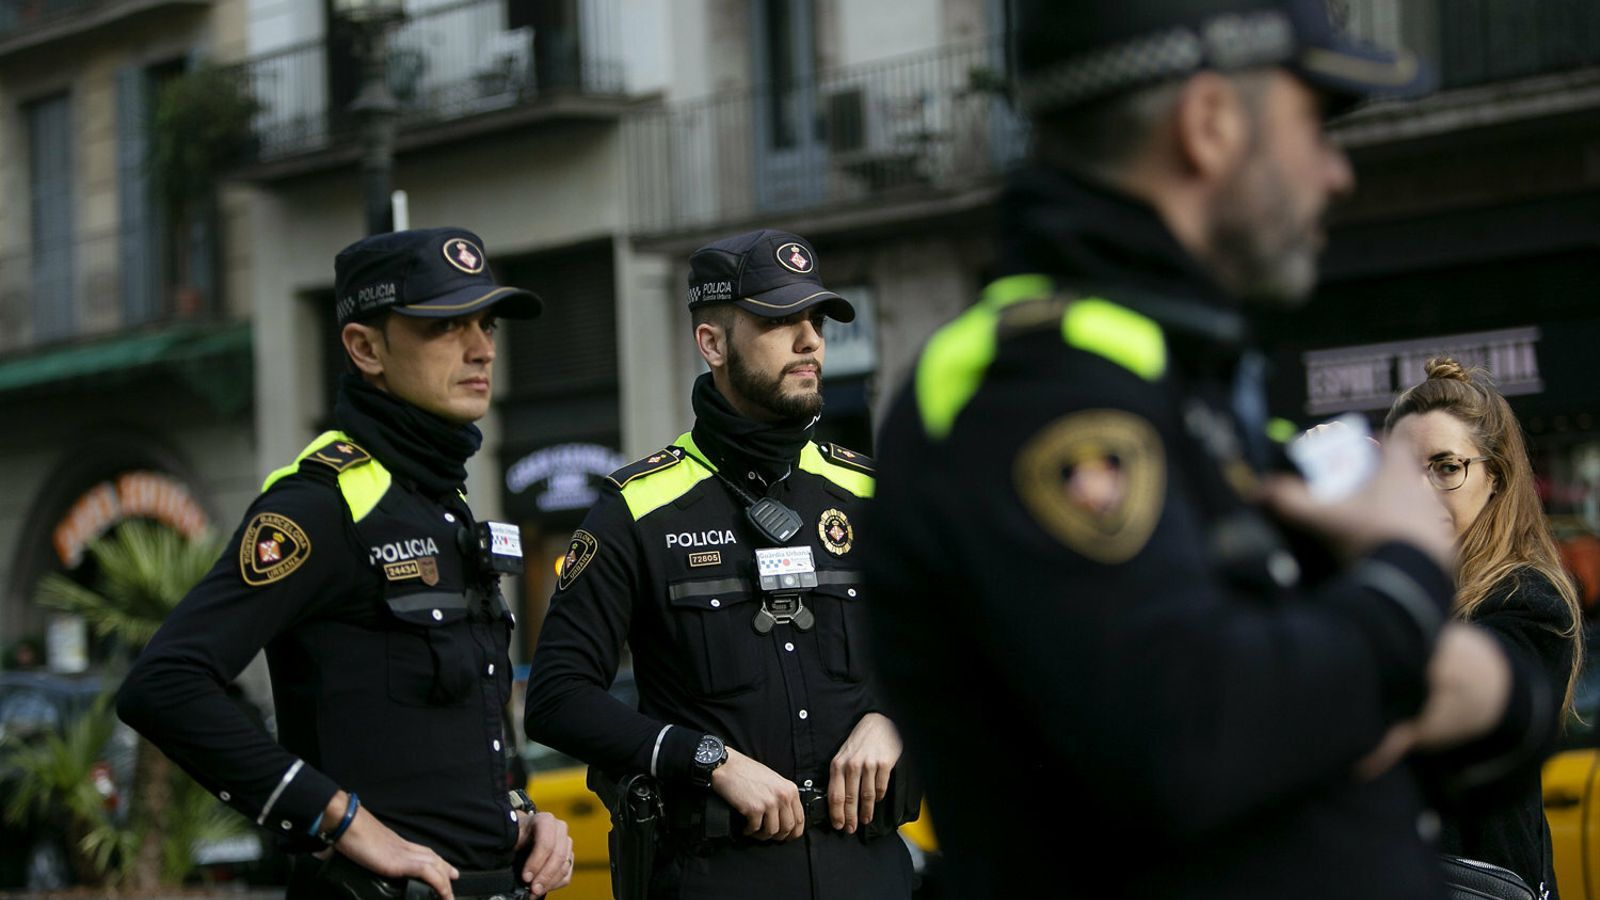 Multes, conflictes de convivència i excrements: el confinament a Barcelona